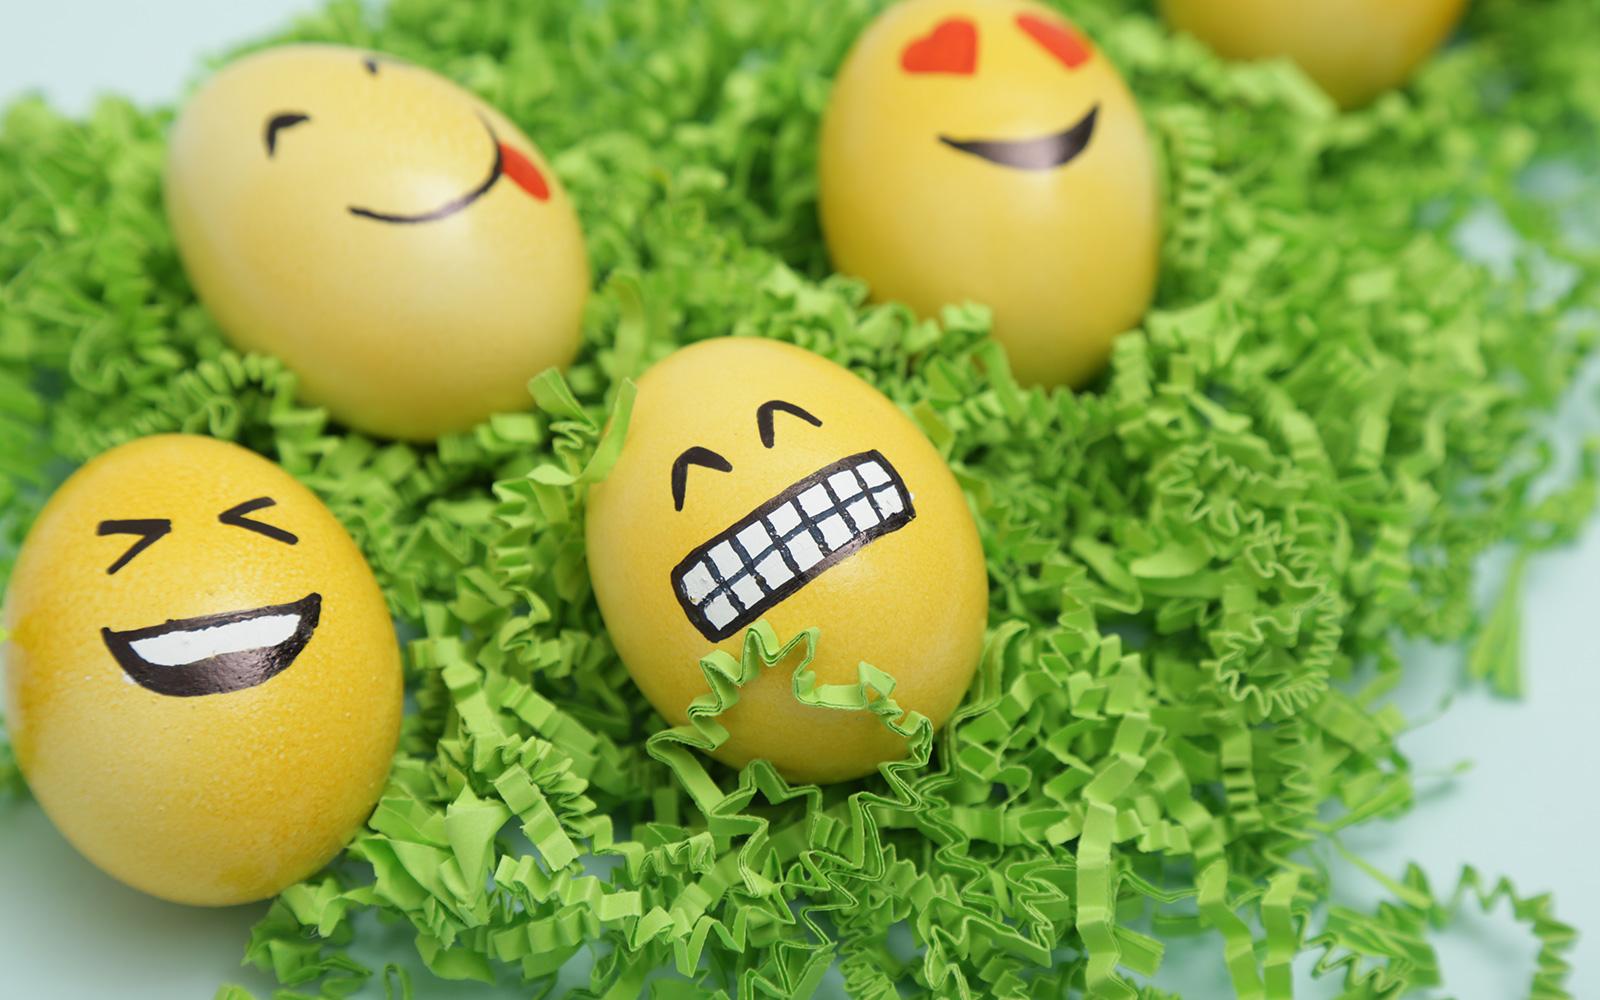 Buona pasqua dillo con le uova camperturista - Decorazioni uova pasquali per bambini ...